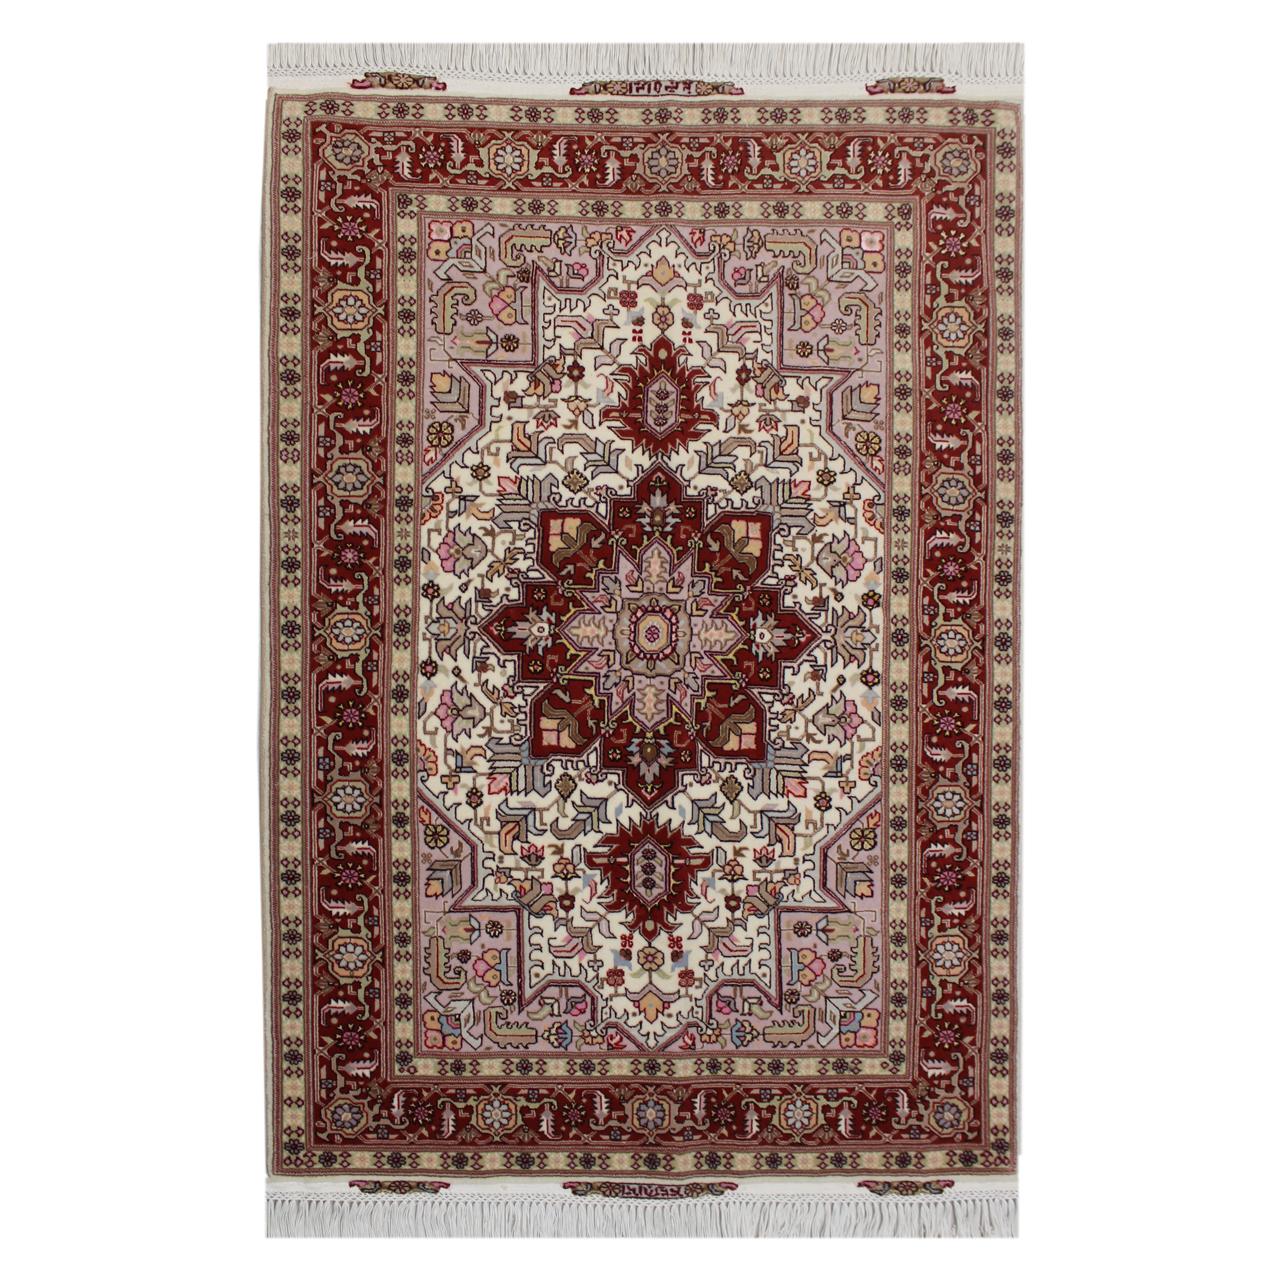 فرش دستبافت یک ونیم متری مدل تبریز  کد 1105723